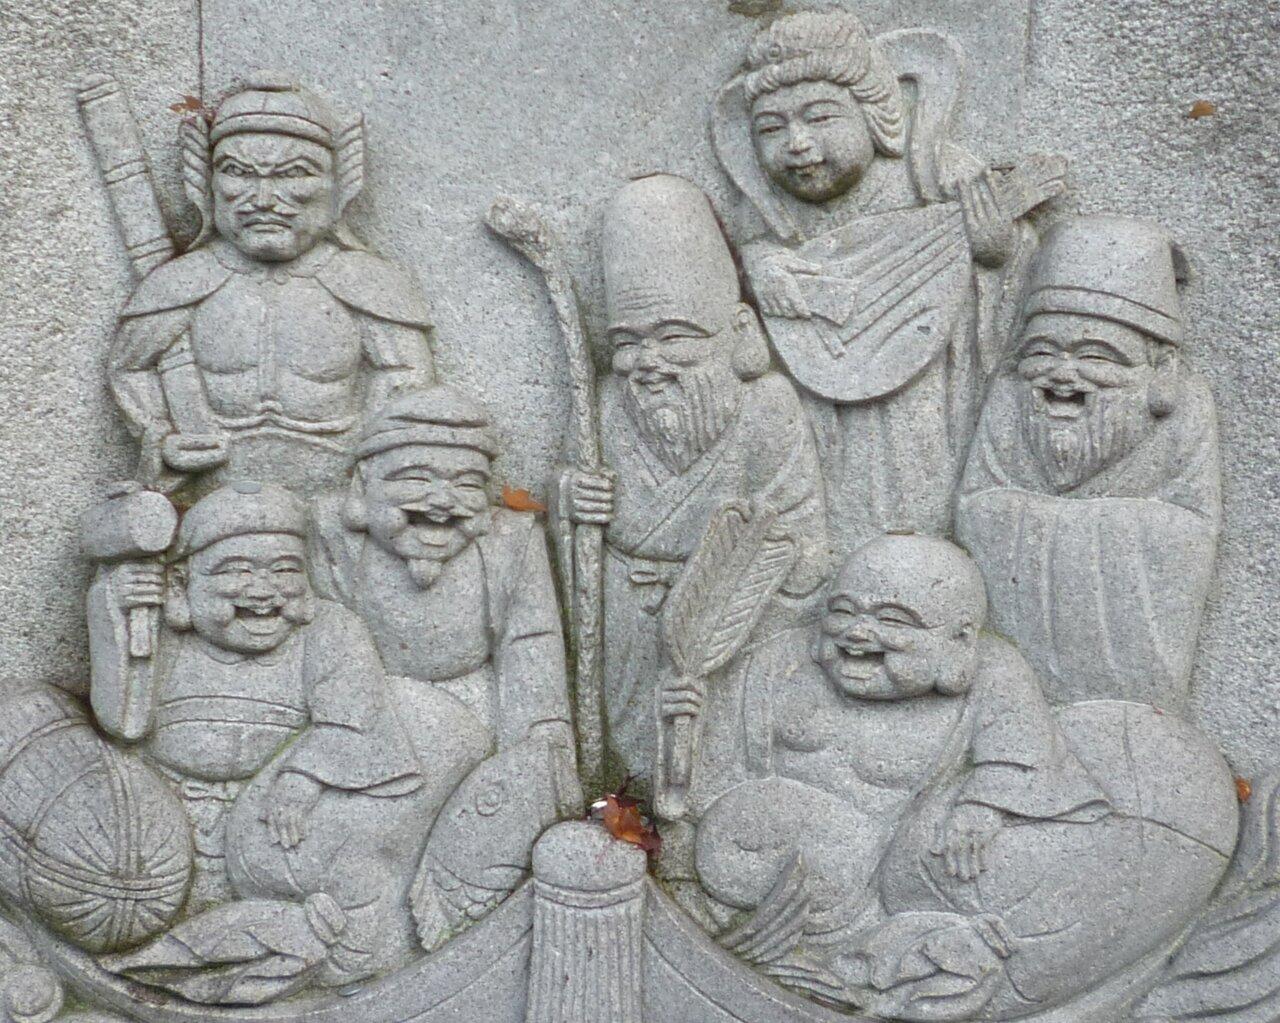 七福神が掘られた石像